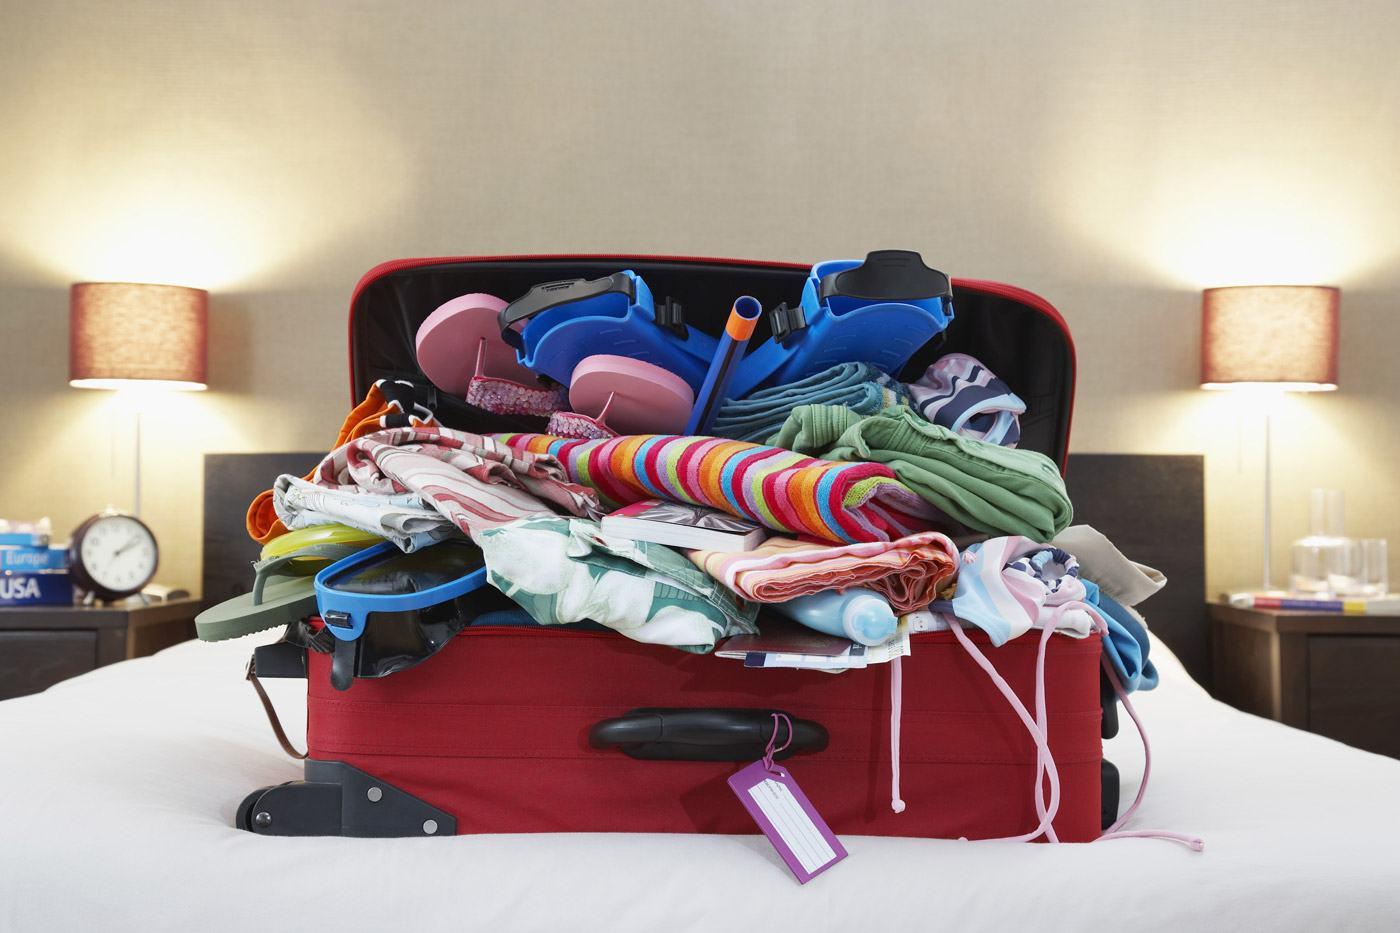 Übervoller Koffer? Nicht mit unserer Checkliste (Copyright: bikeriderlondon/Shutterstock.com)